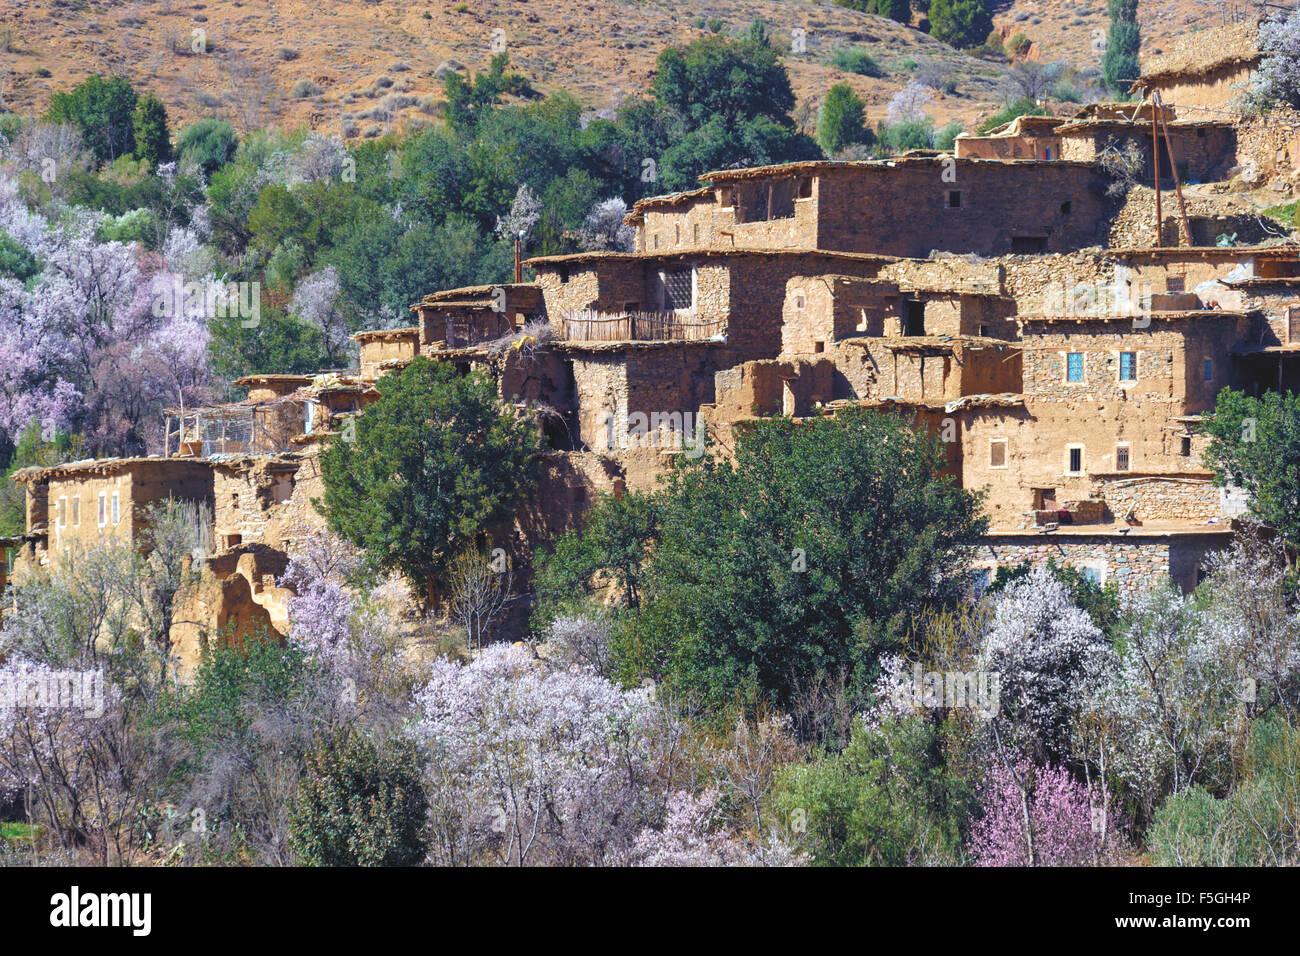 Villaggio in Alto Atlante, Marocco. Immagini Stock